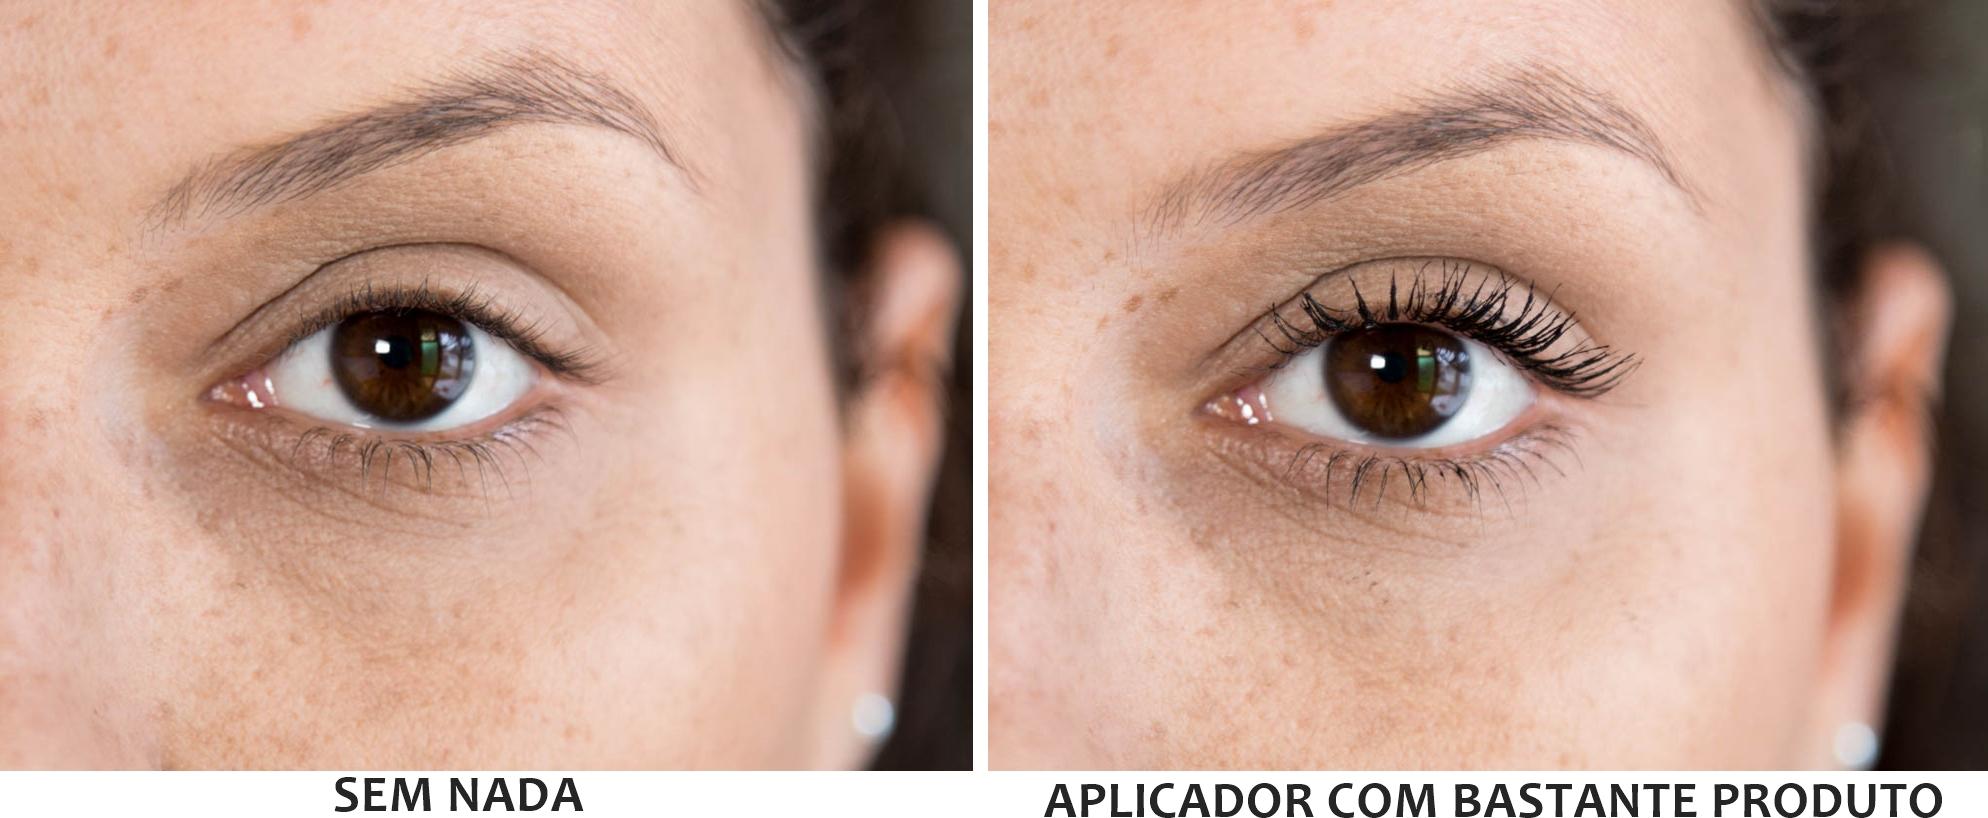 MASCARA TANGO RESENHA02 - Resenha: Máscara de Cílios 4D - 2 em 1 da Tango